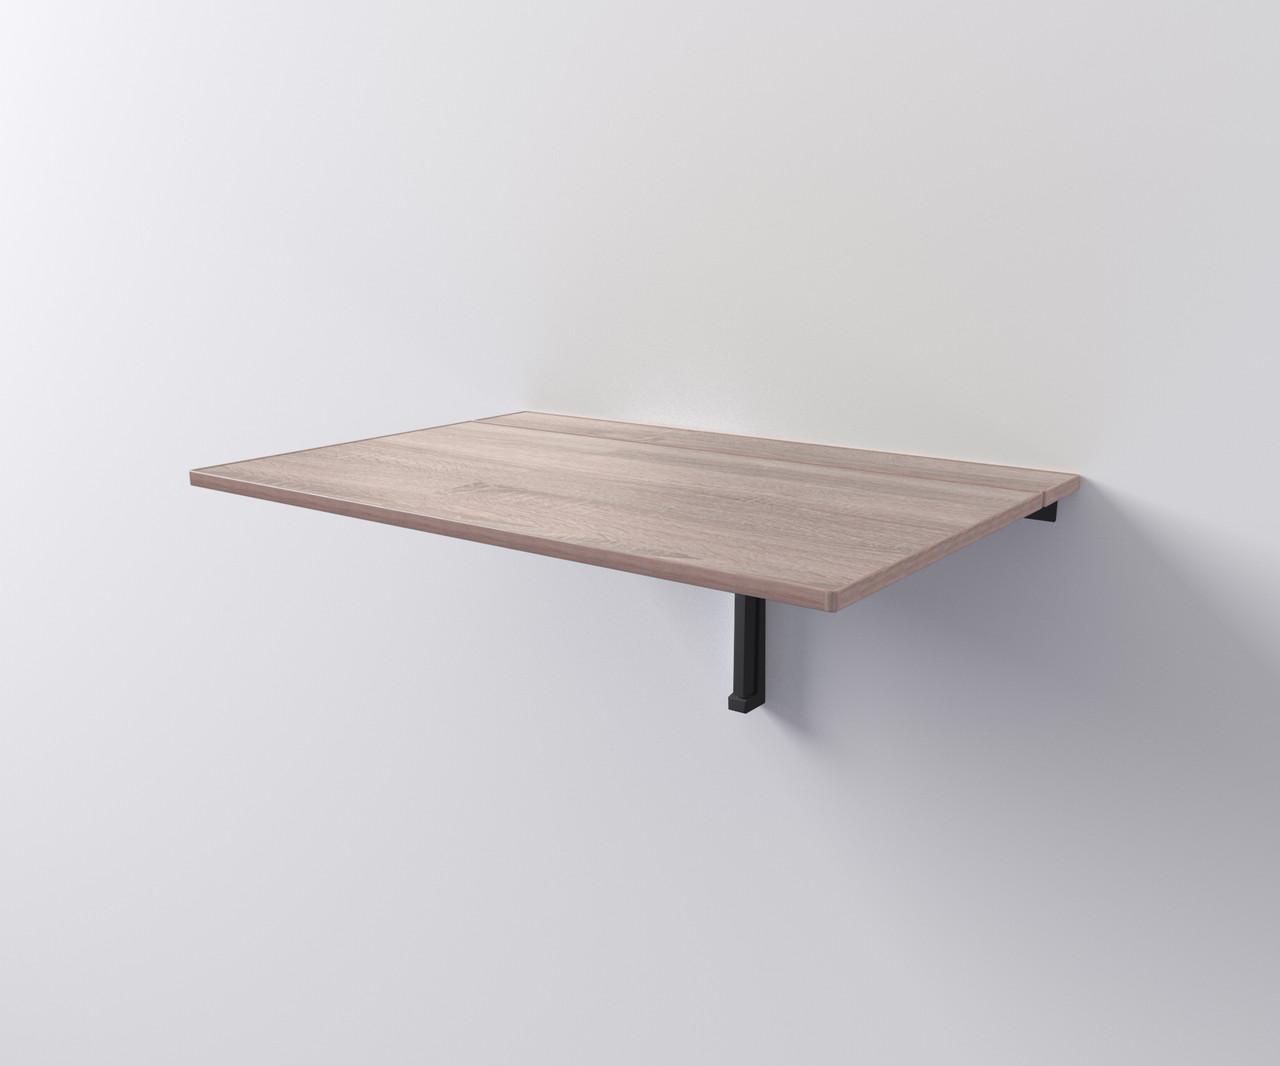 Стол настенный/откидной 90*50 см Сонома